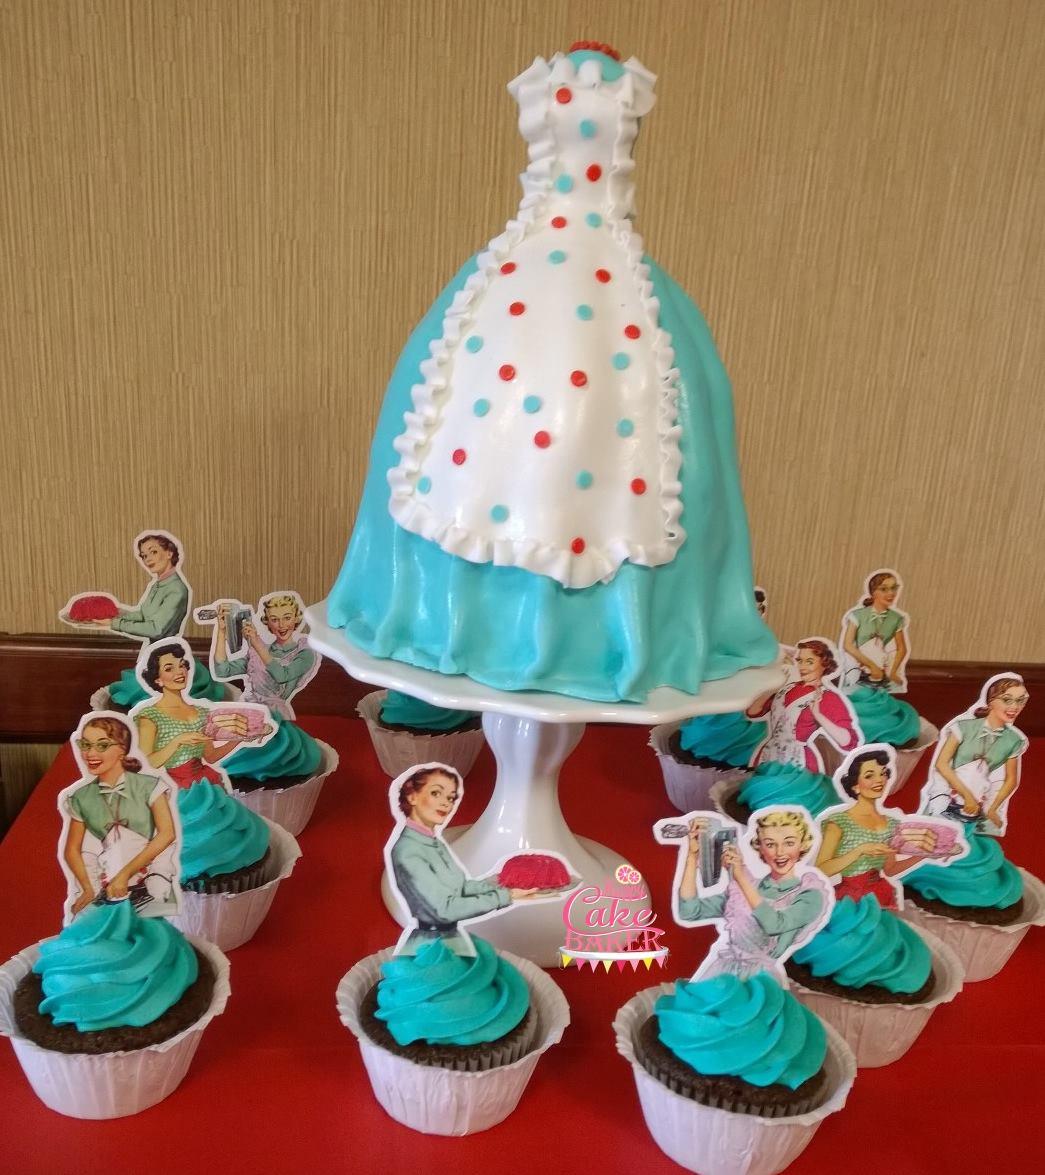 Vintage Bridal Shower Happy Cake Baker